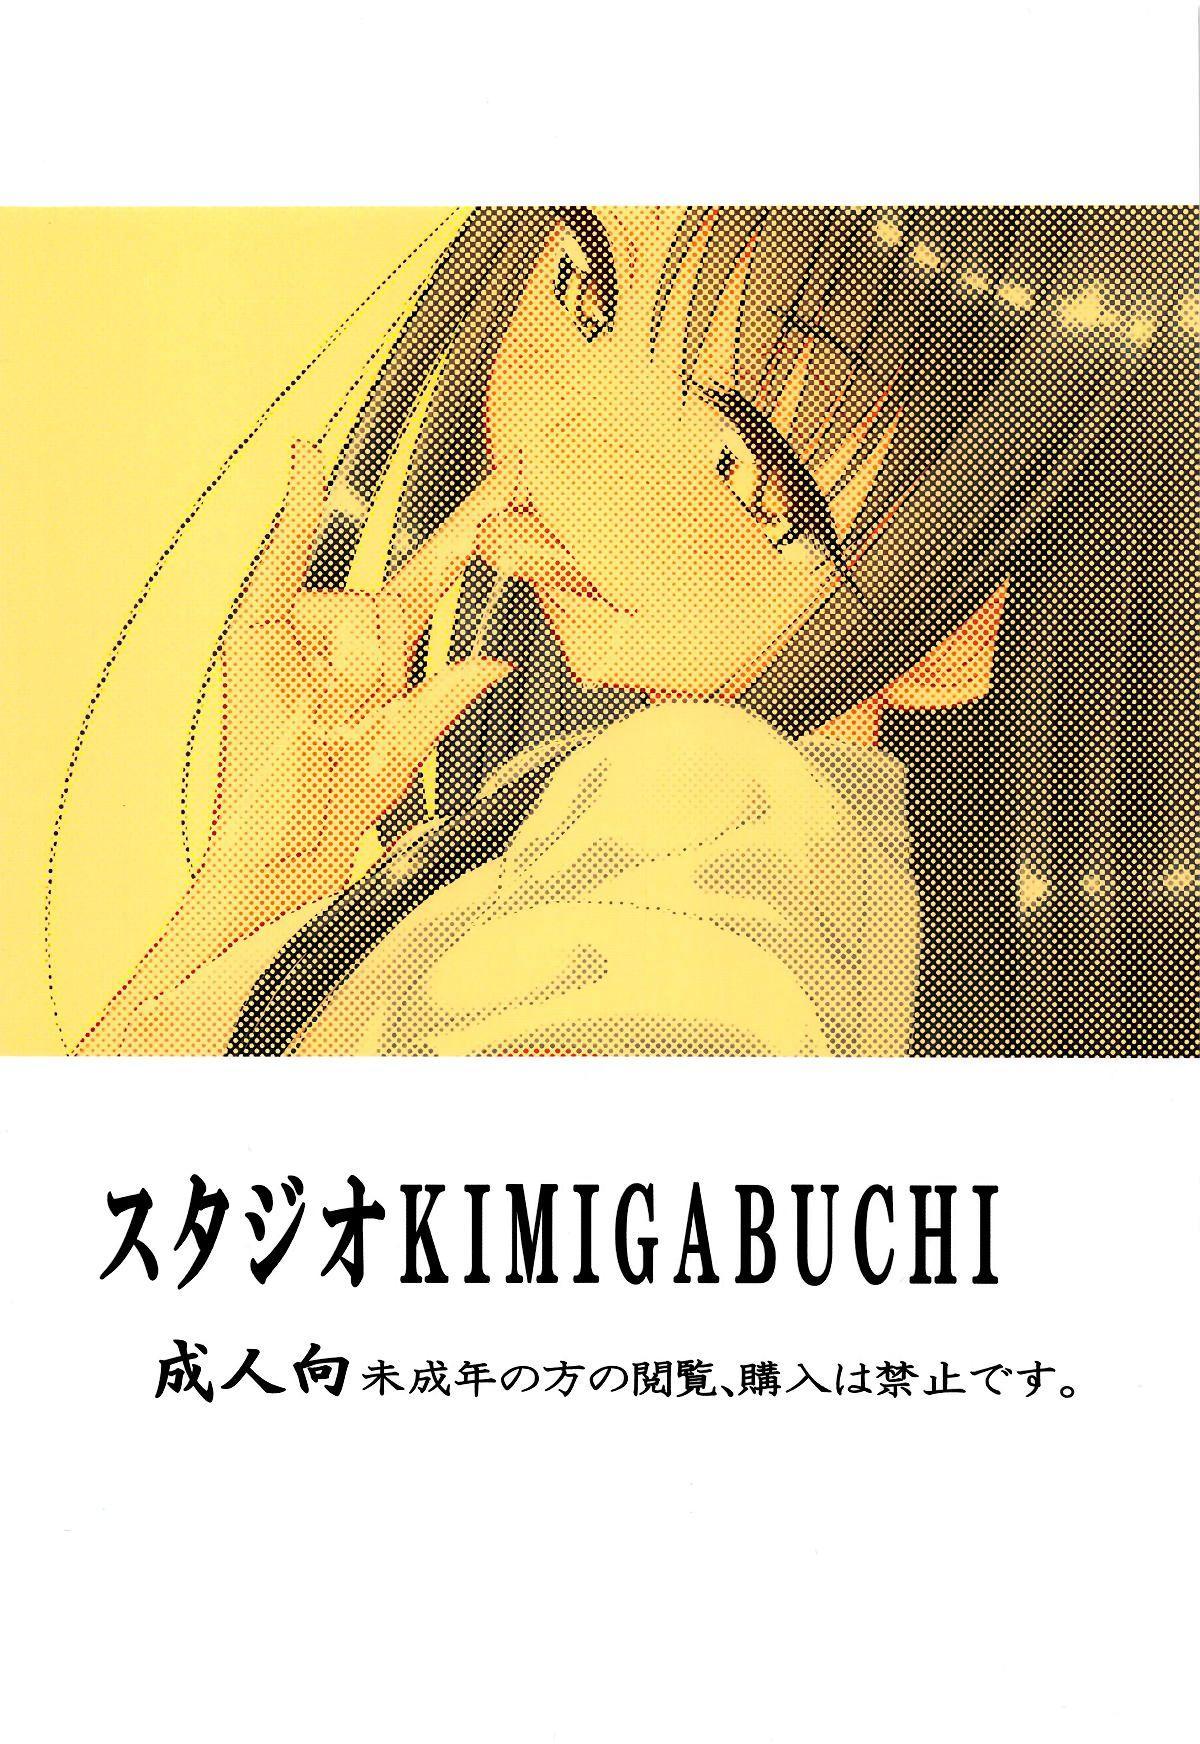 (C95) [Studio KIMIGABUCHI (Kimimaru)] Ijirimakutte, Nagatoro-san 2 | Don't play with me, Nagatoro-san 2 (Ijiranaide, Nagatoro-san) [English] [Naizuri | VenEttore] 21